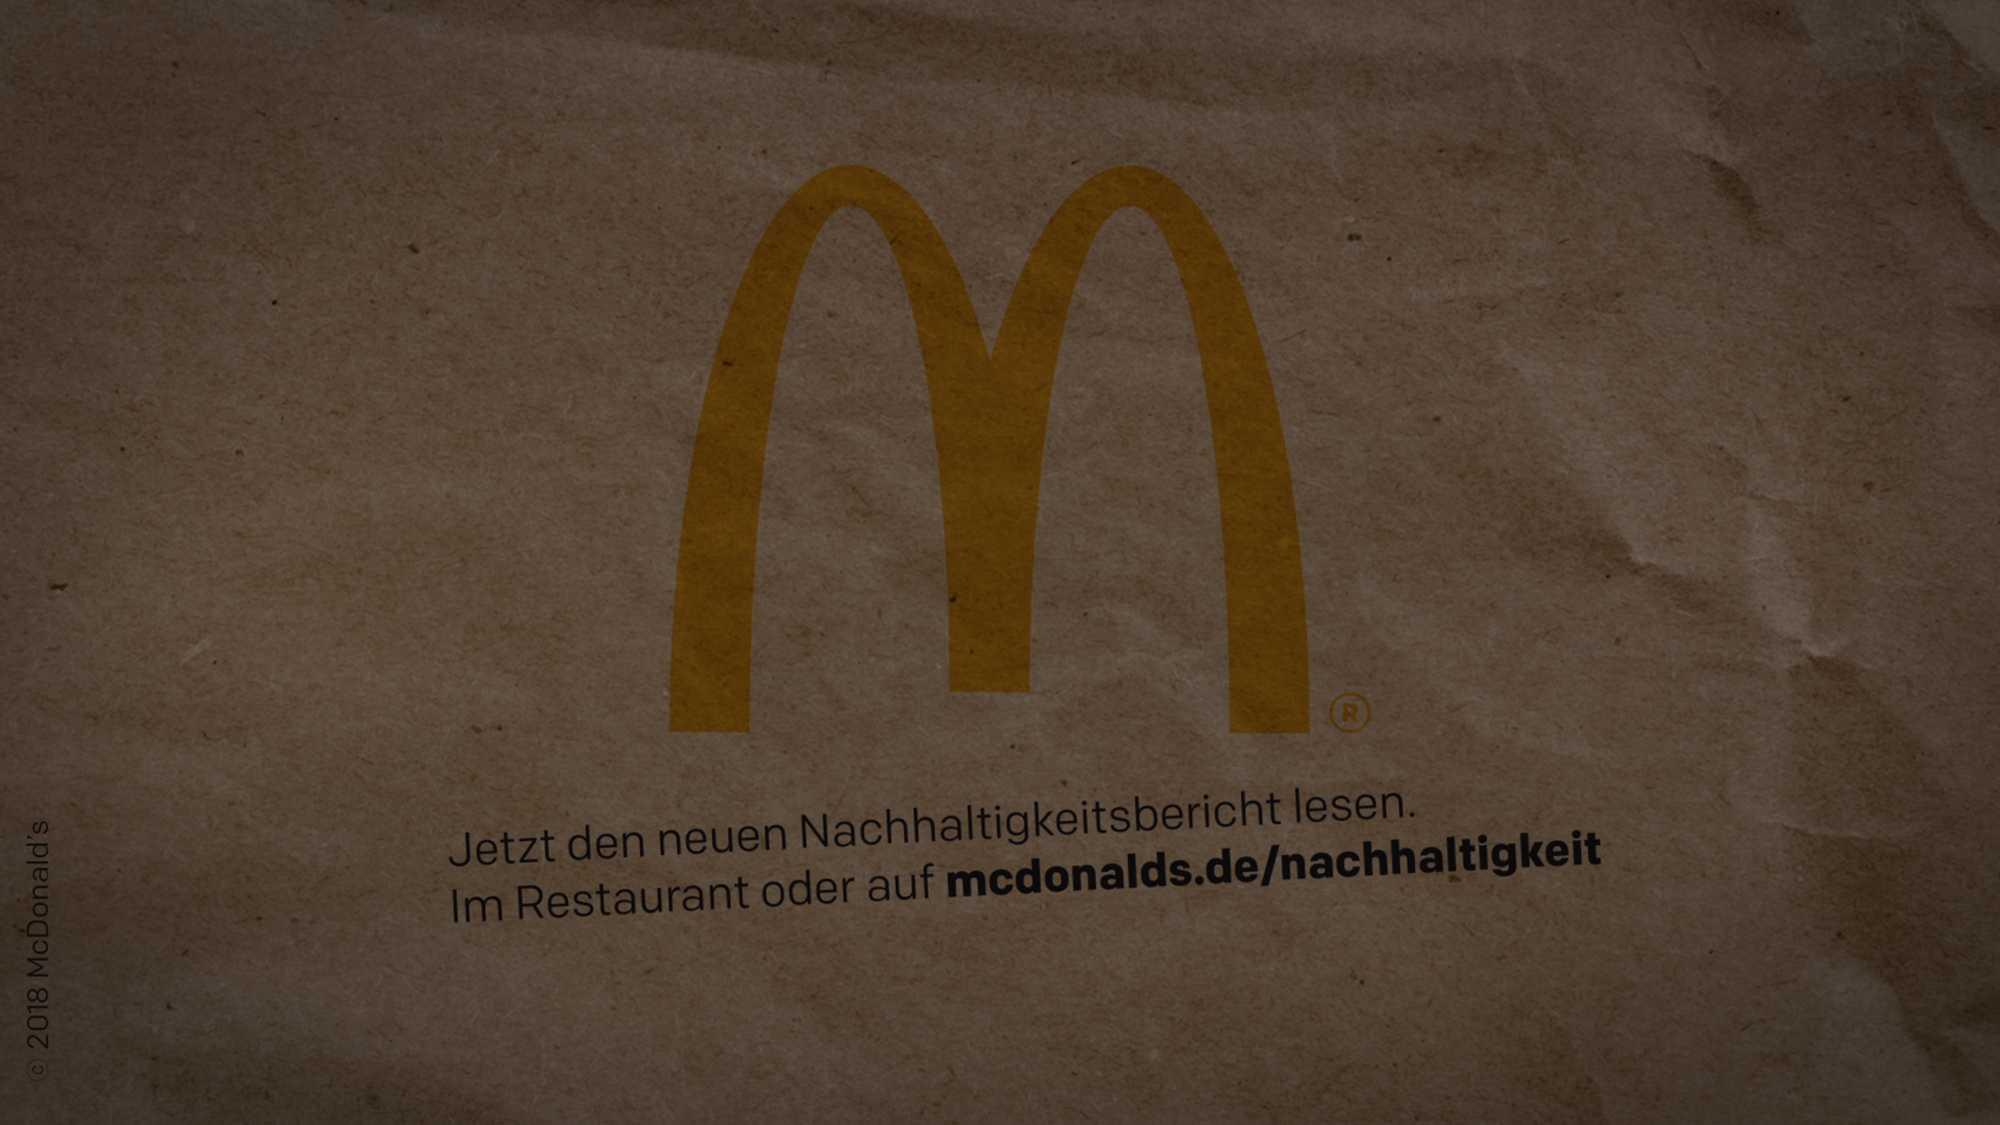 Das Bild zeigt einen braunen Hintergrund auf dem man ein M sieht. Dieses M ist das M des McDonalds Logos. Unter dem M ist ein Text mit animiert worden. Das Bild dient als verdunkeltes Titelbild für den Portfolioeintrag McDonald's Nachhaltigkeits Erklärfilme von Panda Pictures.